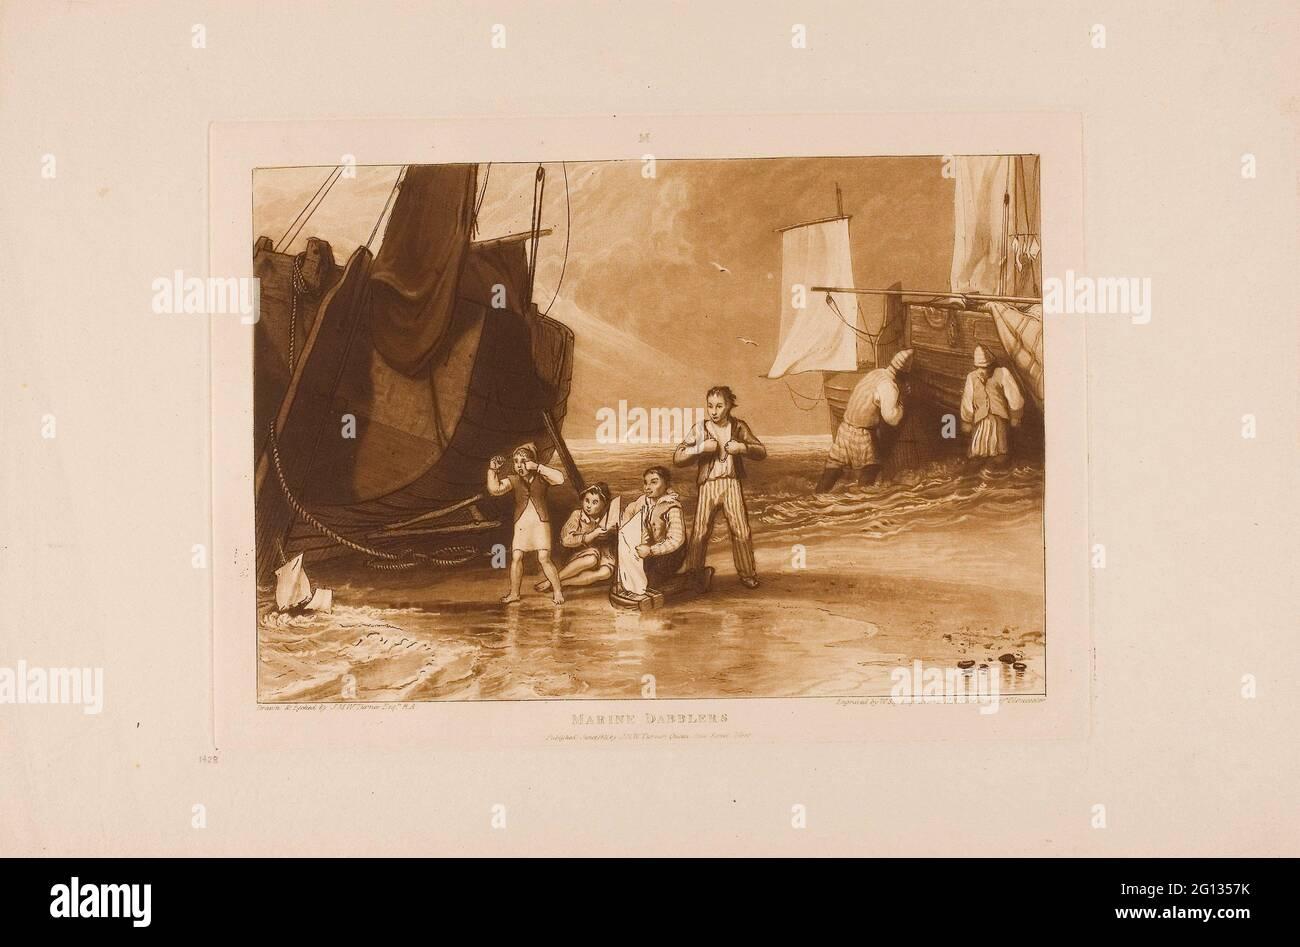 Auteur: Joseph Mallord William Turner. Dobiners marins, planche 29 de Liber Studiorum - publié en juin 1811 - Joseph Mallord William Turner (anglais, Banque D'Images